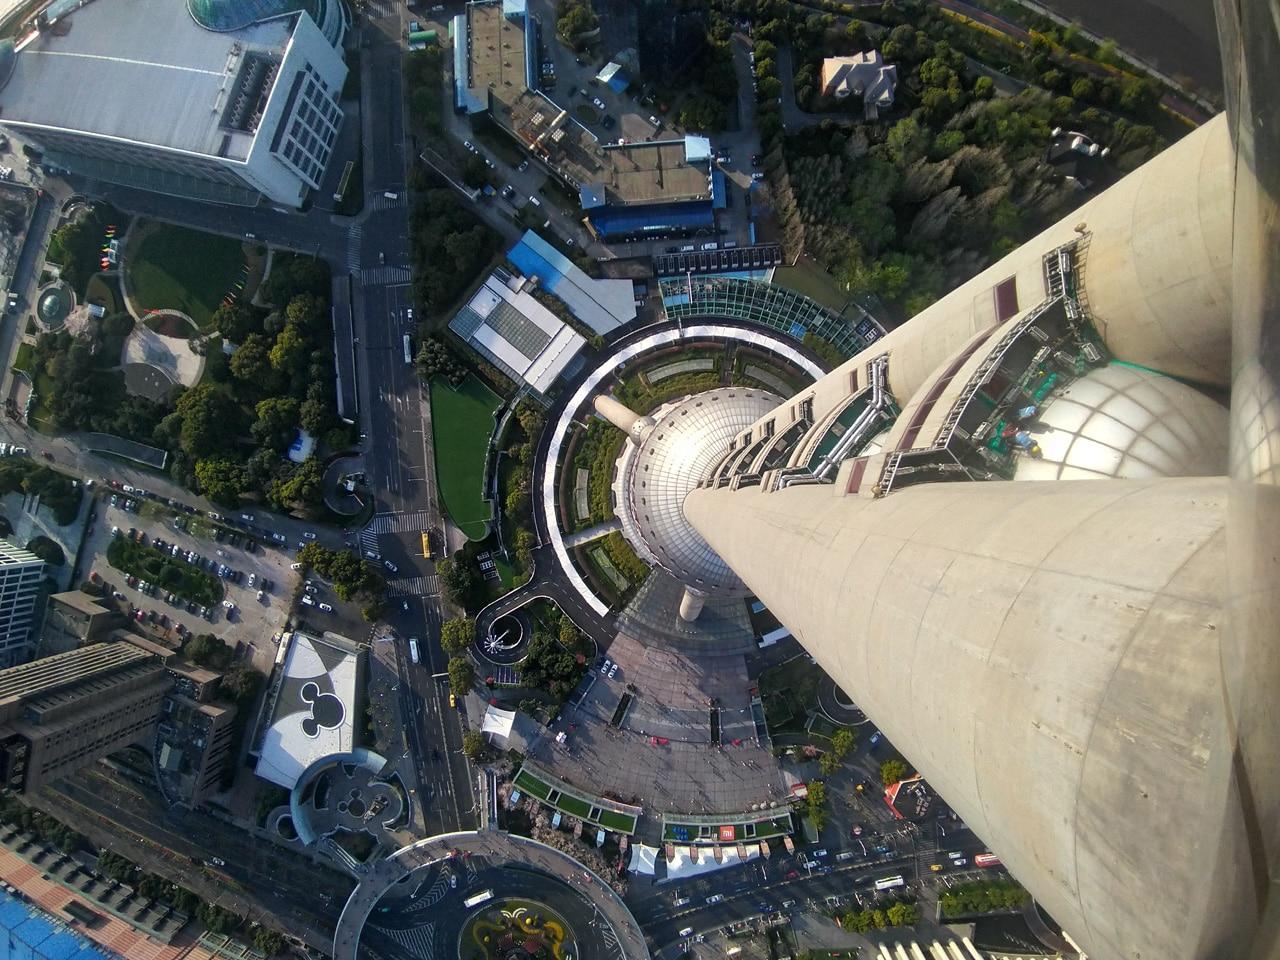 gadgetmatch-24-hours-shanghai-asus-zenfone-5q-20180422-04.jpg